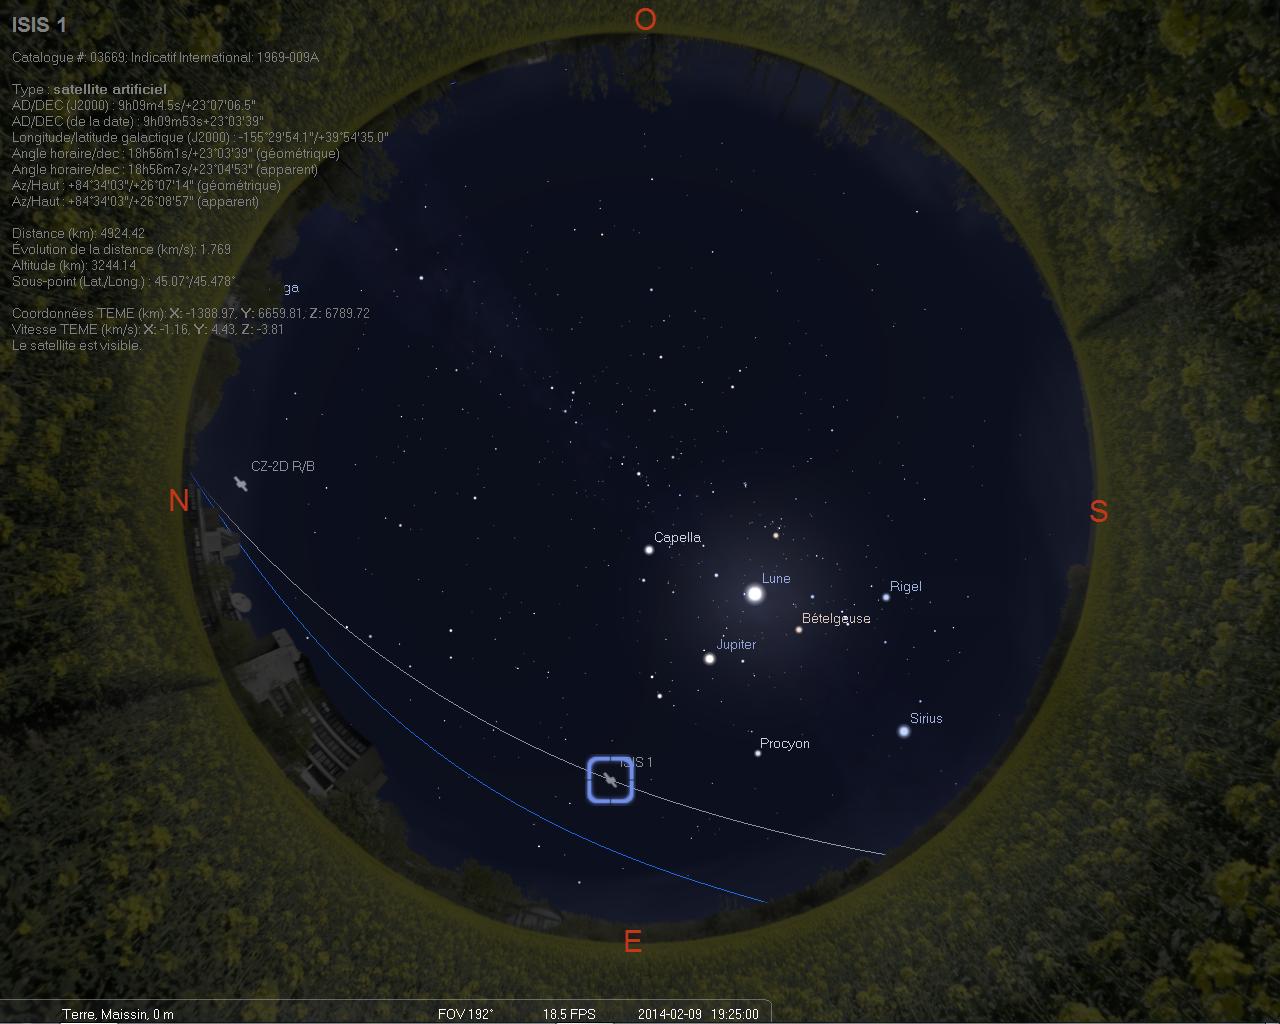 2014: le 09/02 à 19h25 - Boules lumineuses - Maissin - Non précisé G12k